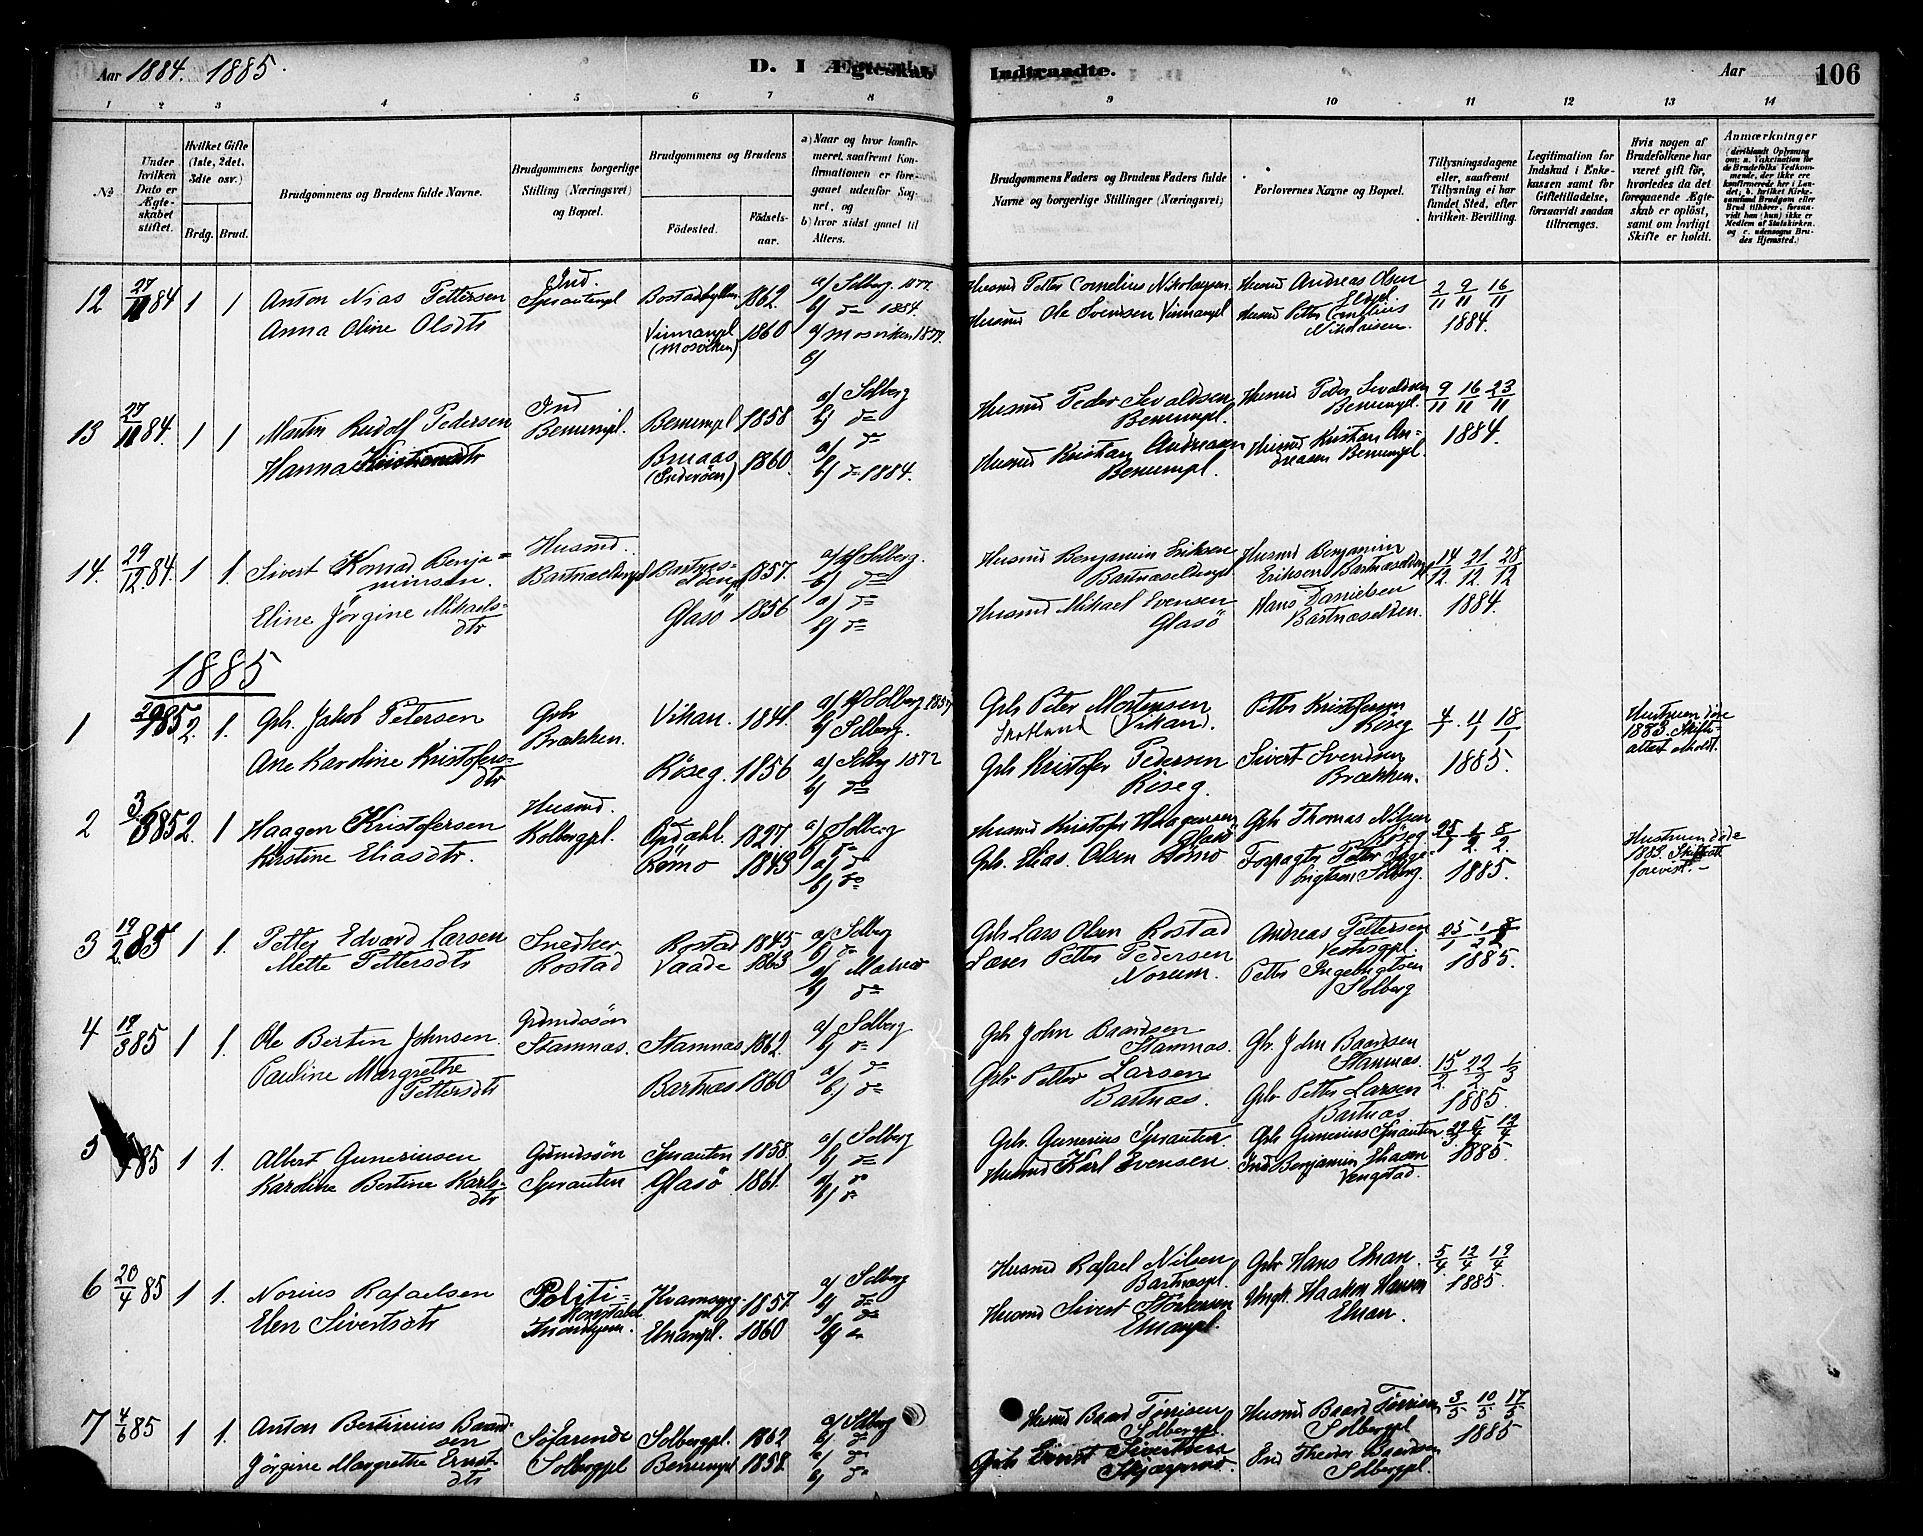 SAT, Ministerialprotokoller, klokkerbøker og fødselsregistre - Nord-Trøndelag, 741/L0395: Ministerialbok nr. 741A09, 1878-1888, s. 106